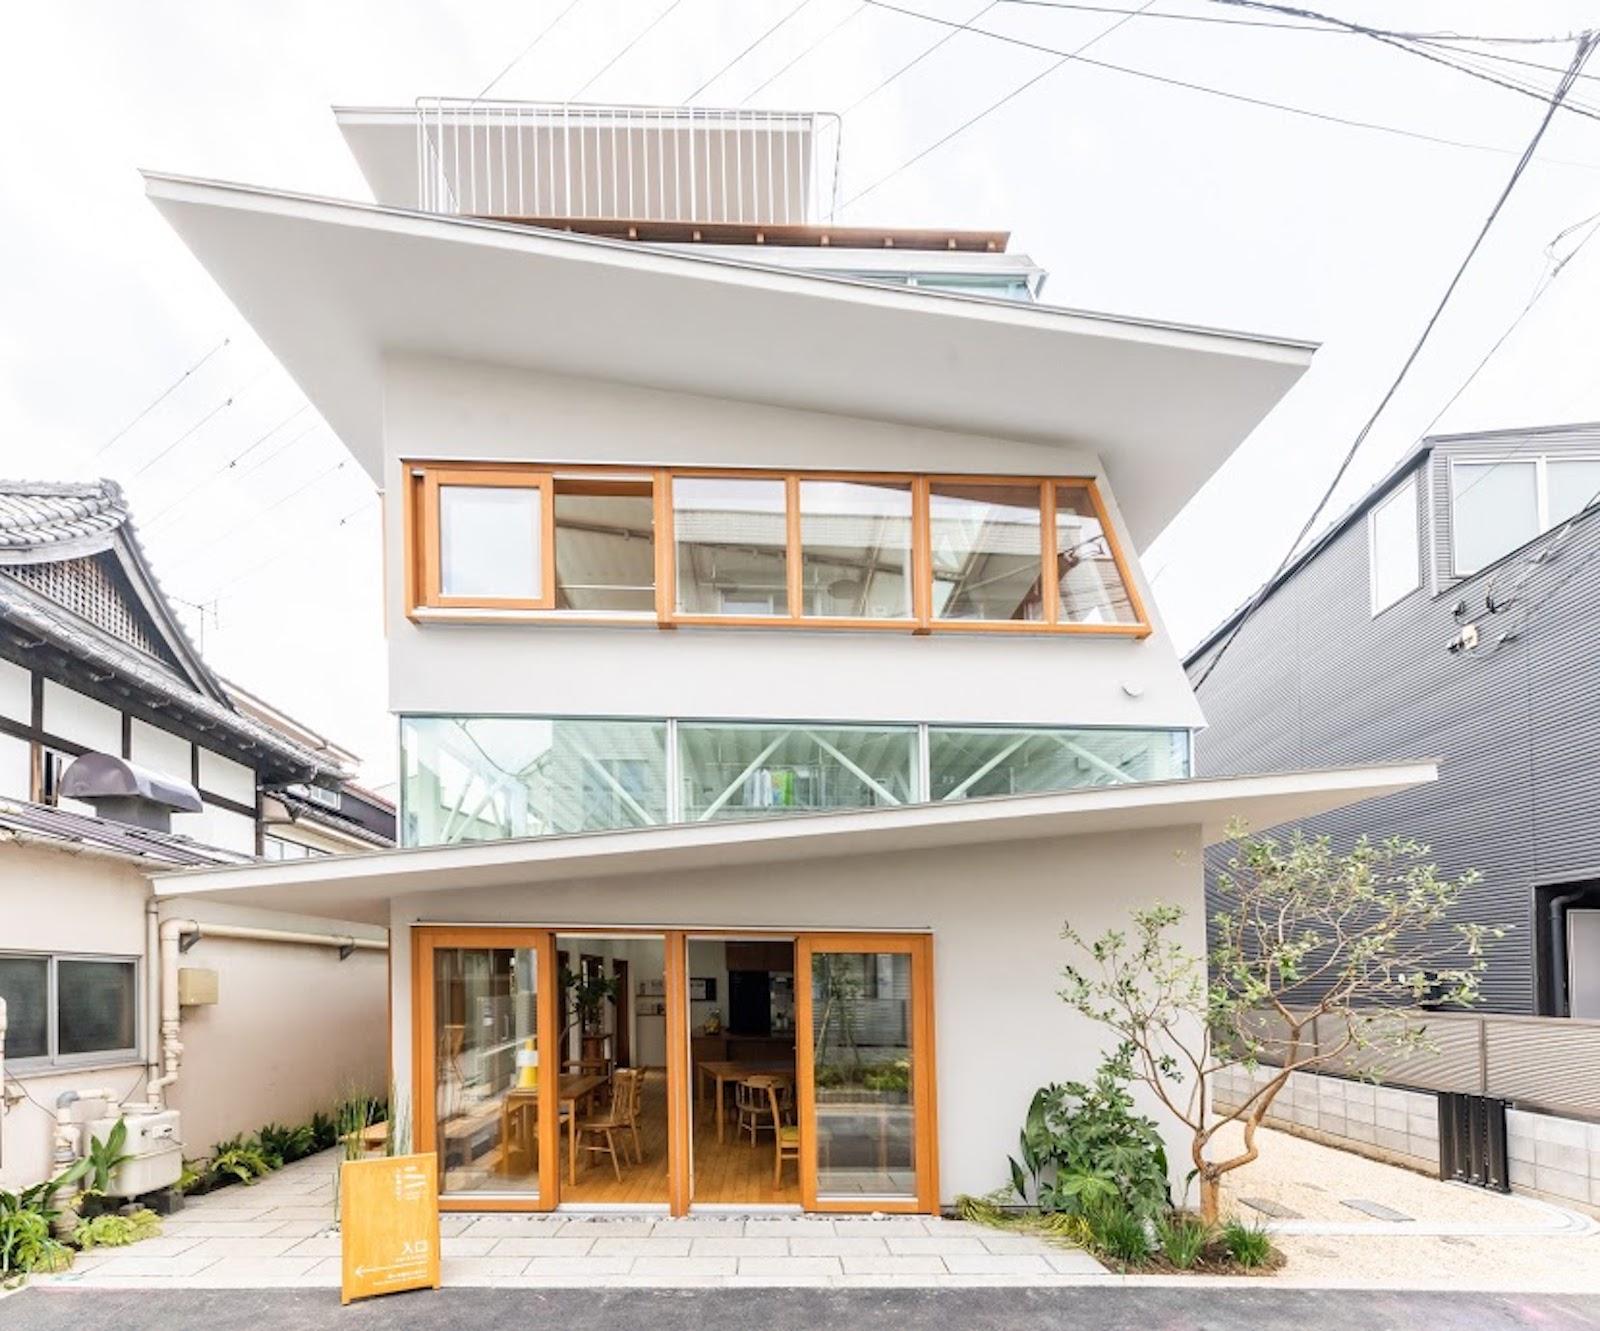 風や日差しを取り込むように、天井は二重の構造になっている